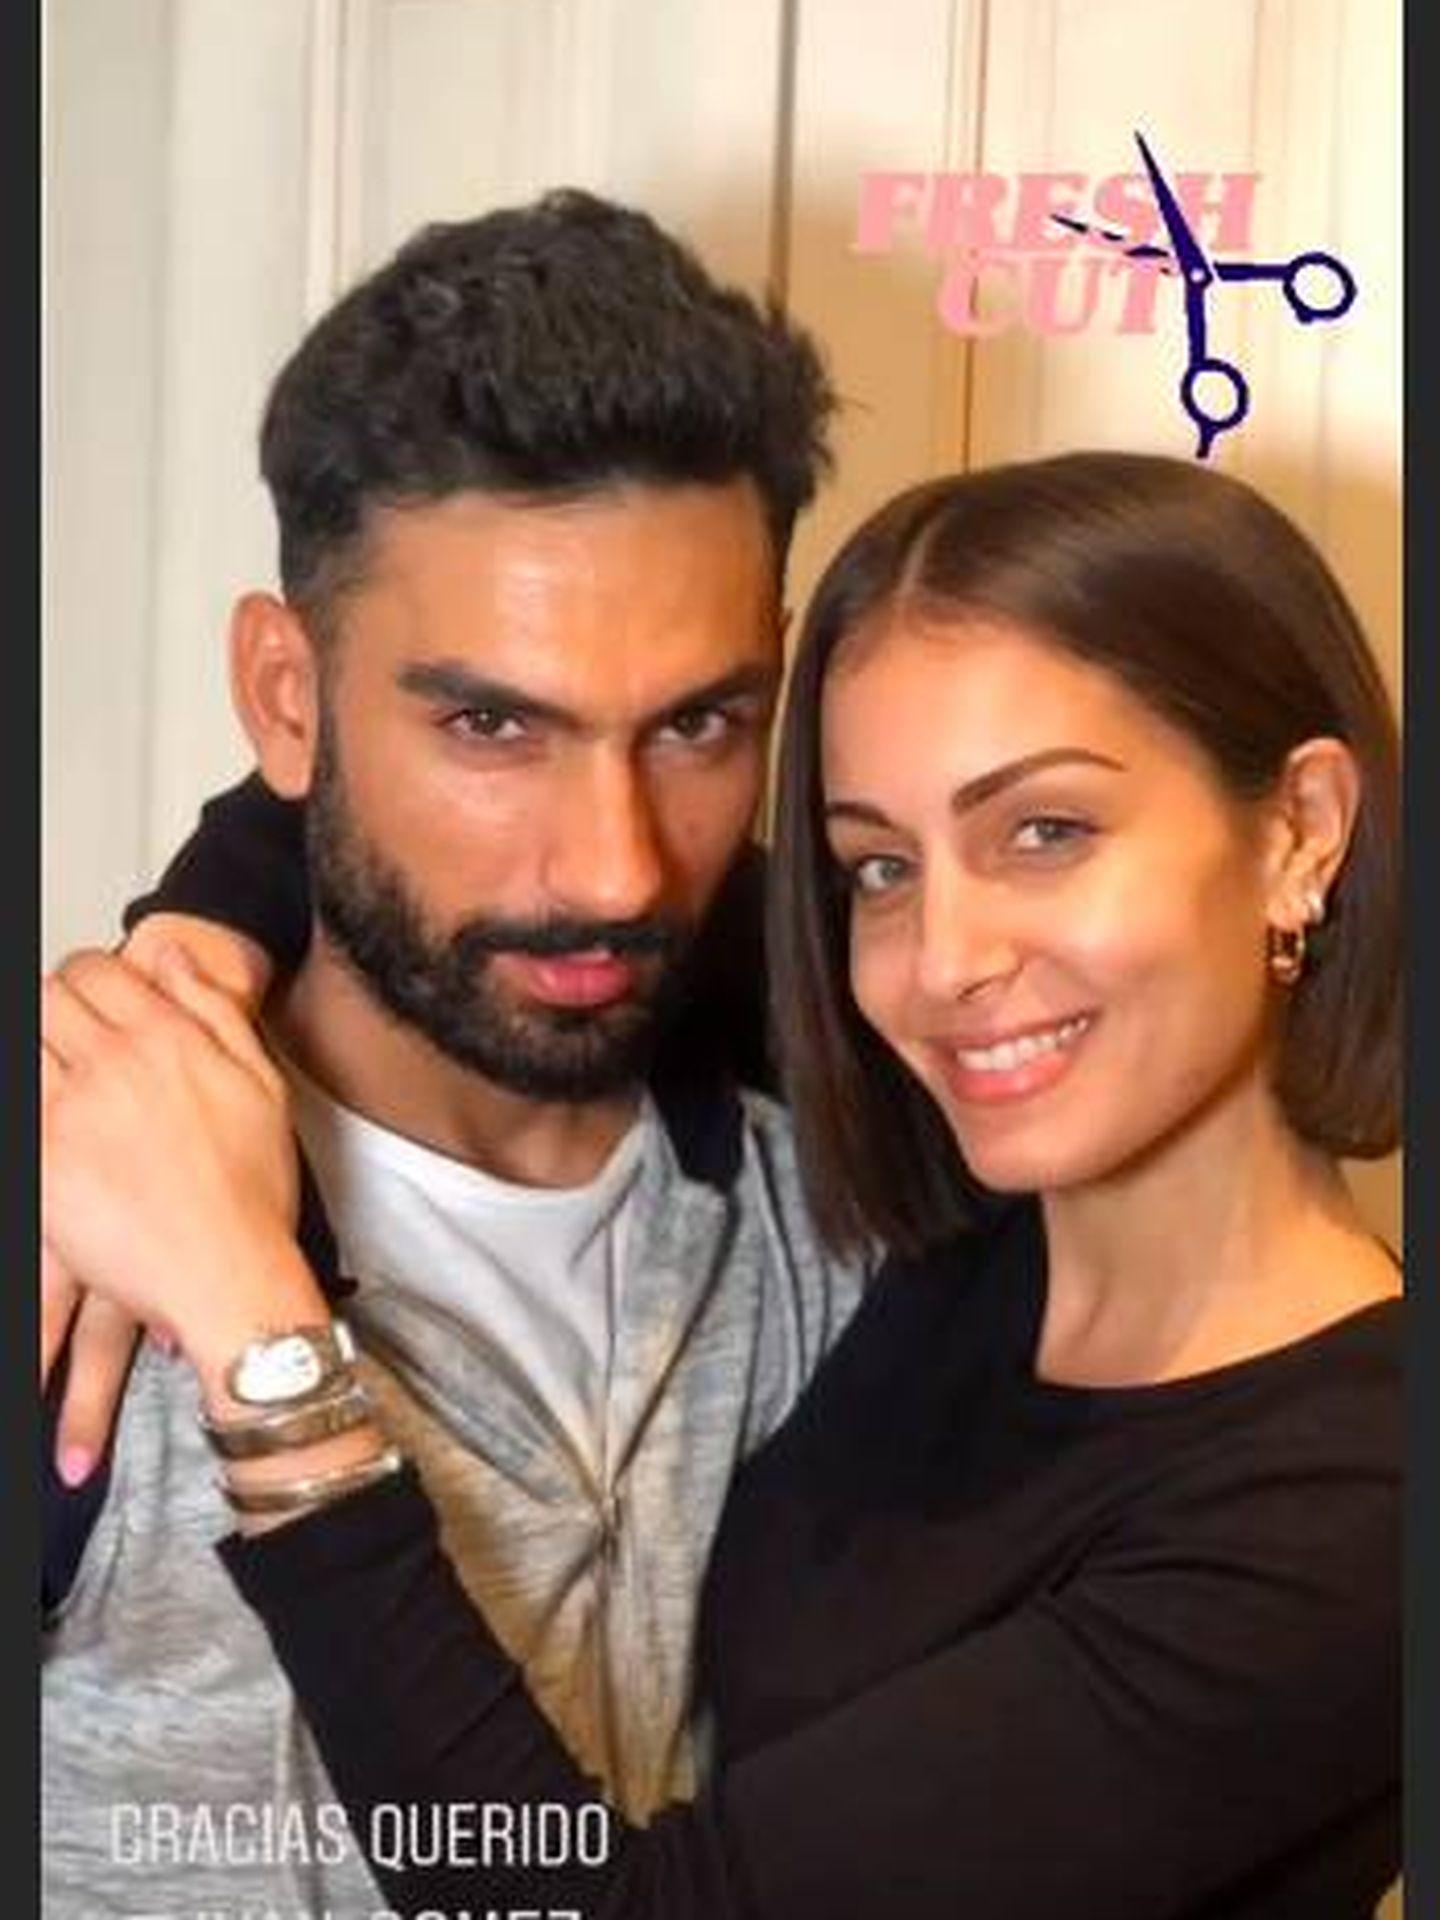 Hiba Abouk luciendo su nuevo corte bob junto a su estilista en un storie.  (Instagram)